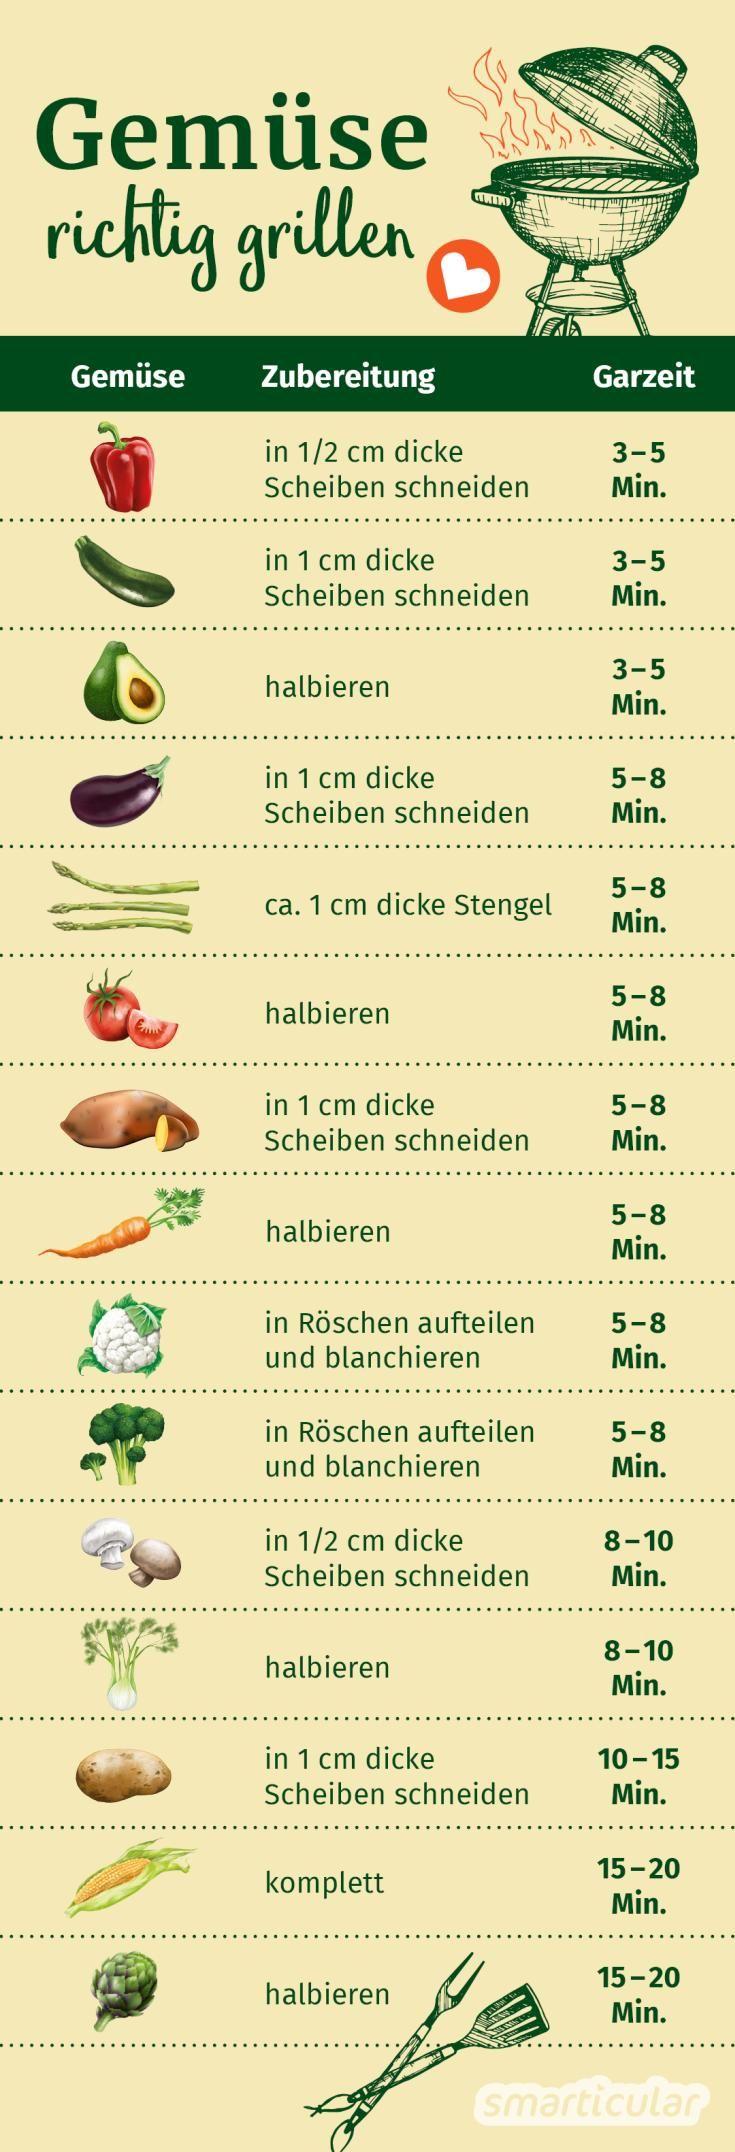 Gemüse richtig grillen: die richtige Methode für jede Gemüsesorte #kochenundbacken